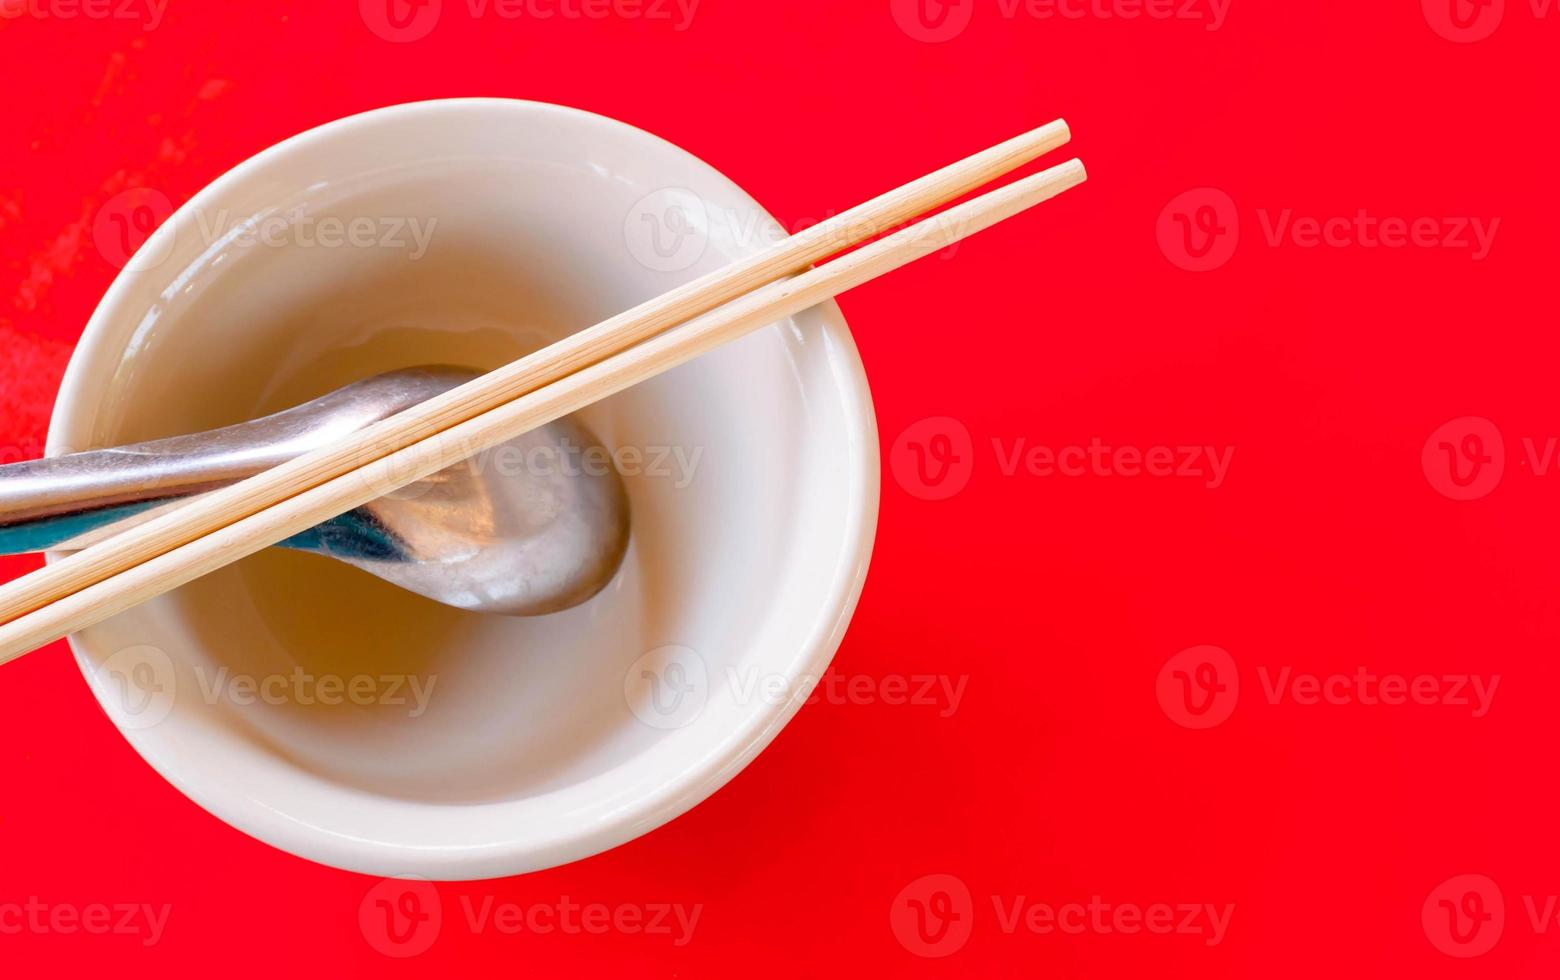 Reisschüssel und Löffel und Essstäbchen auf dem roten Tisch foto